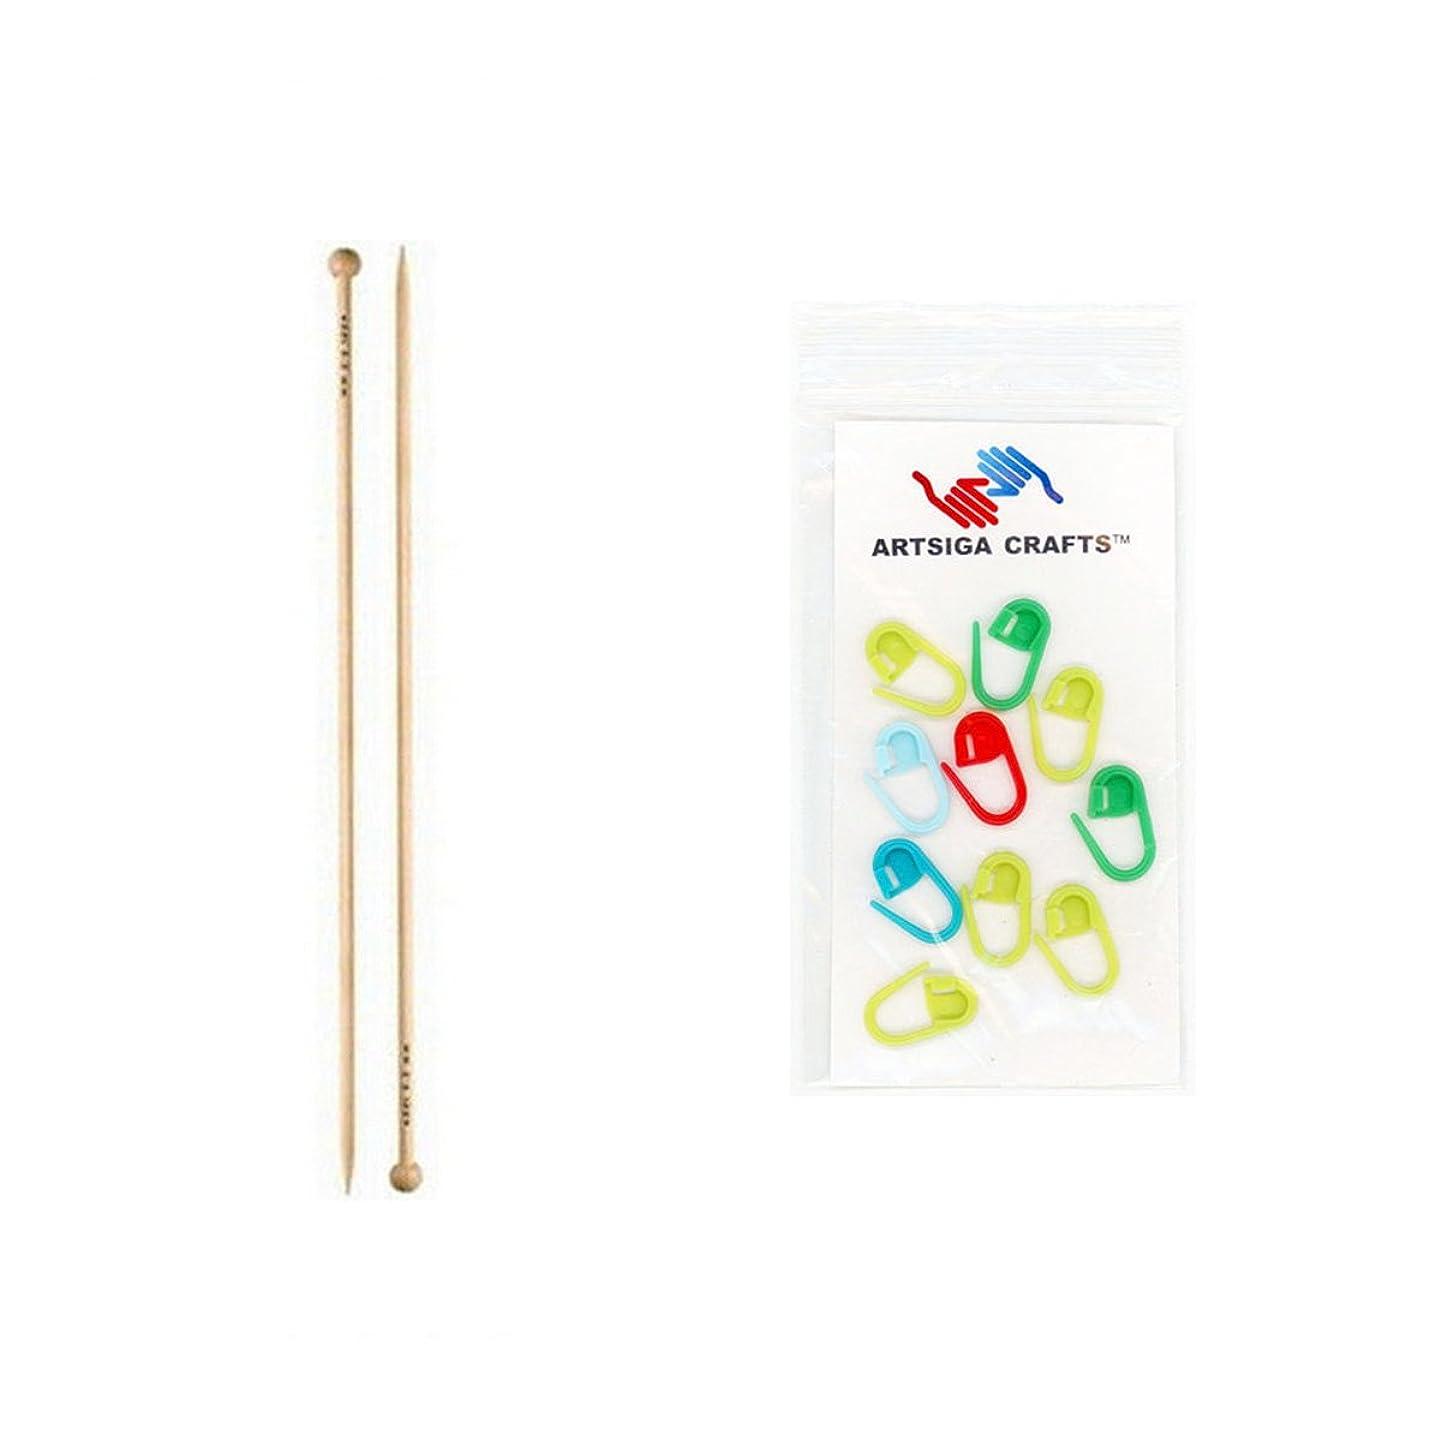 addi Knitting Needle Straight Natura Bamboo 14 inch (35cm) Size US 03 (3.25mm) Bundle with 10 Artsiga Crafts Stitch Markers